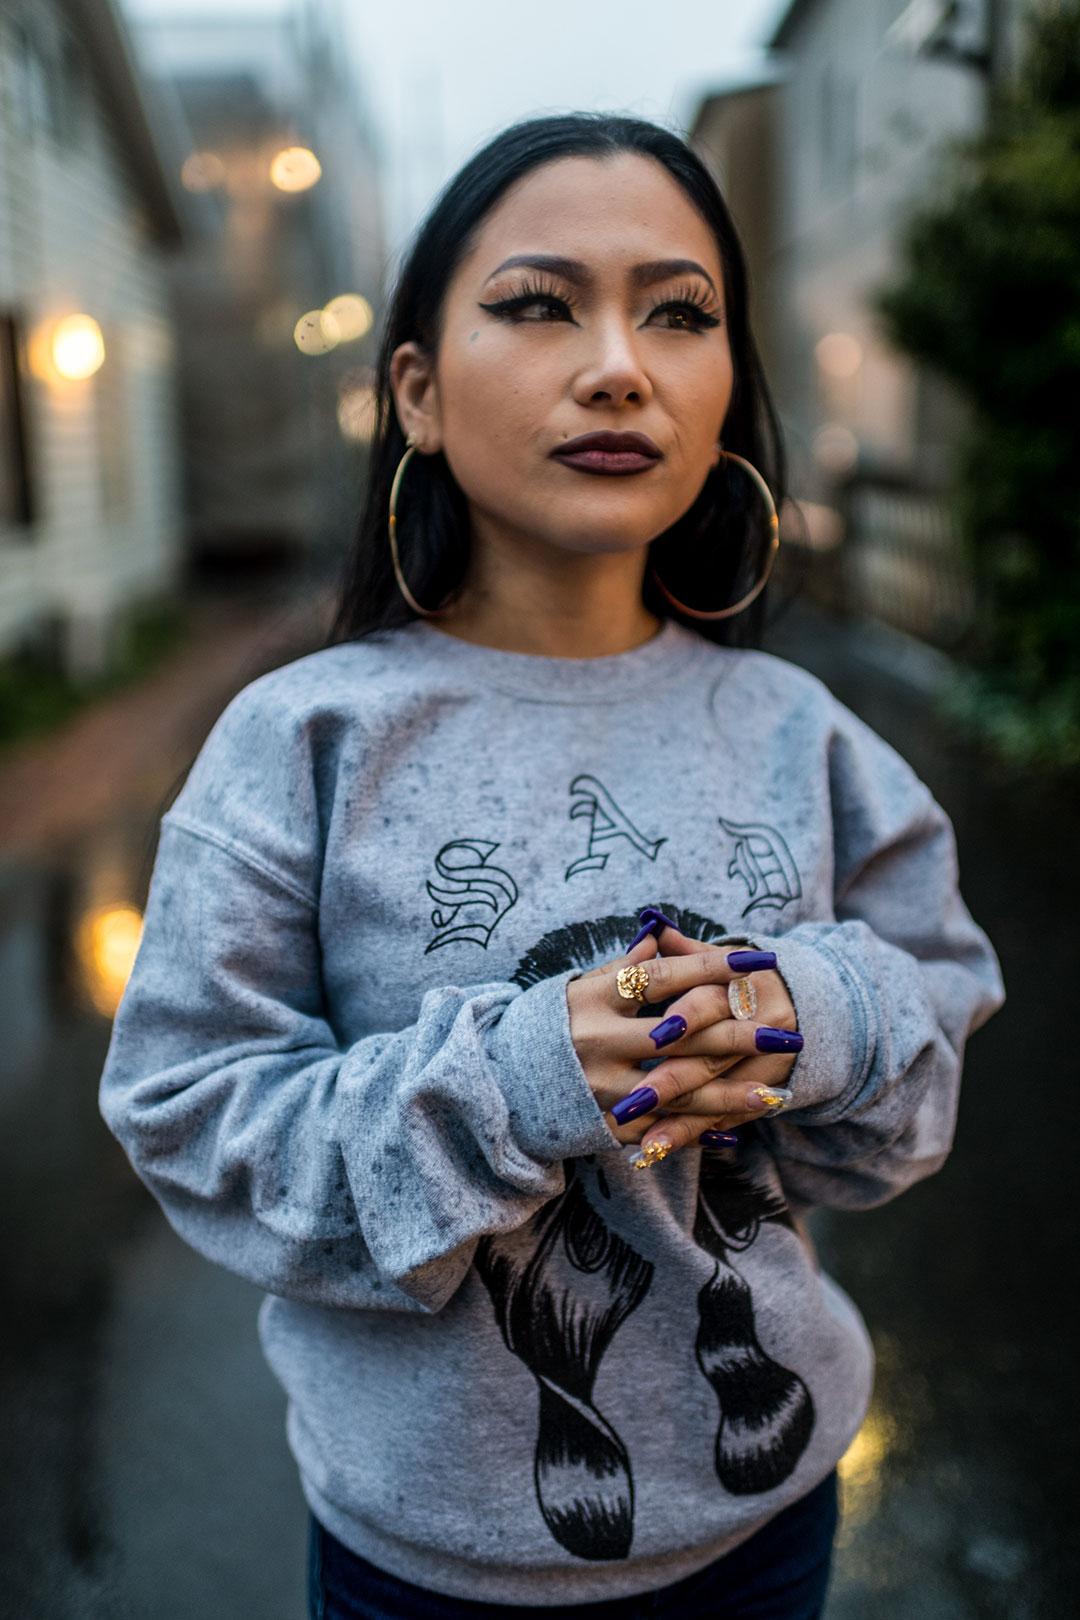 """Mona """"Sad Girl"""", una rapera japonesa, fuera de su estudio de grabación en Japón, marzo de 2018 (The New York Times)"""